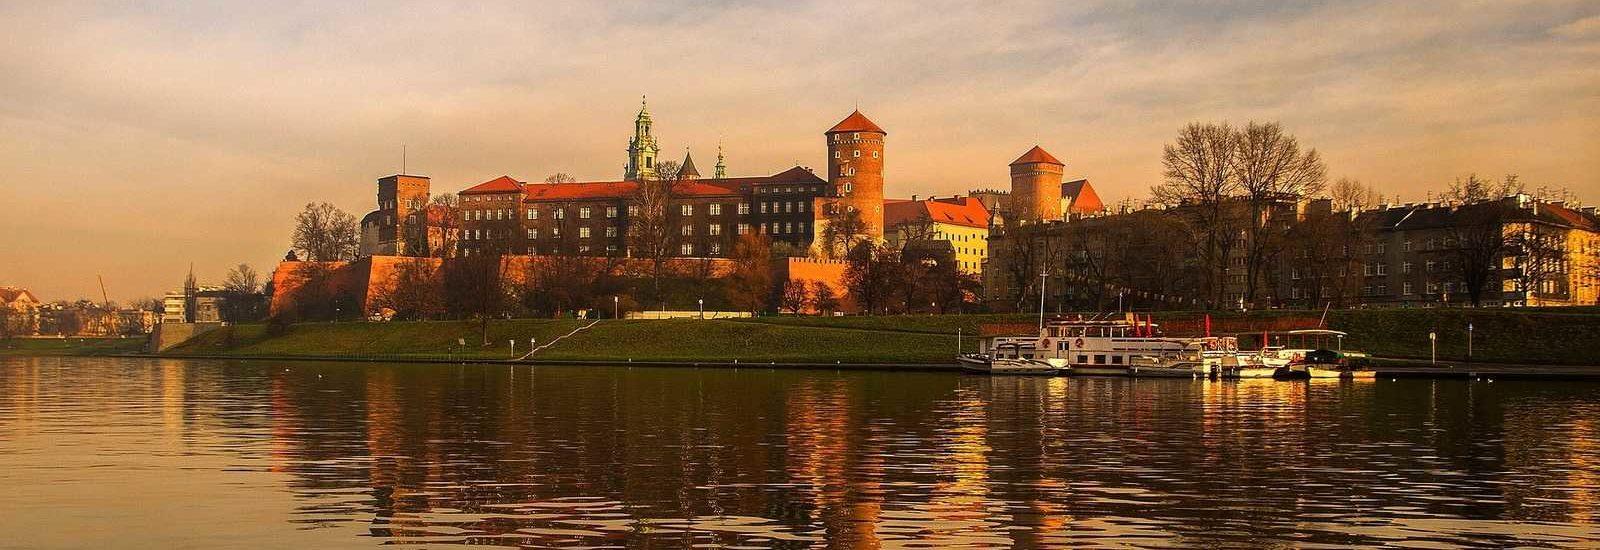 Krakow Wawel Castle view from Vistula river